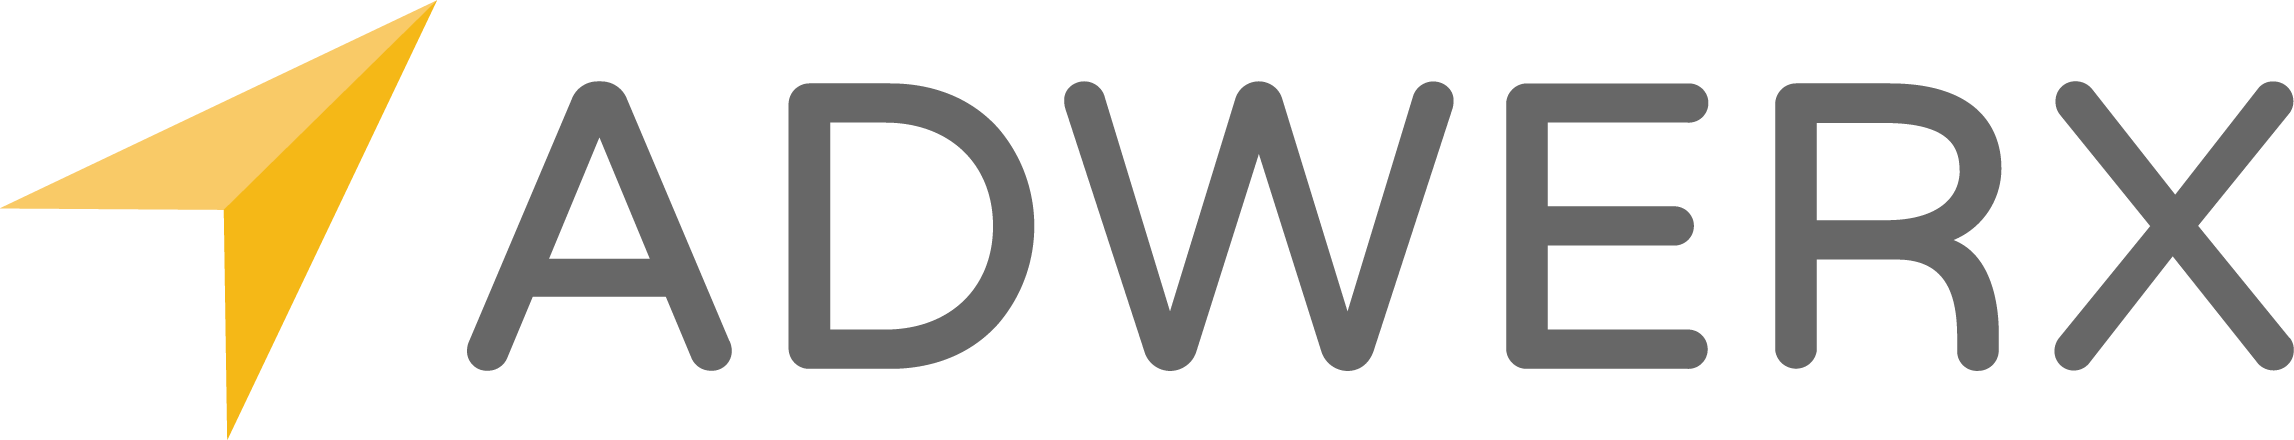 Adwerx logo